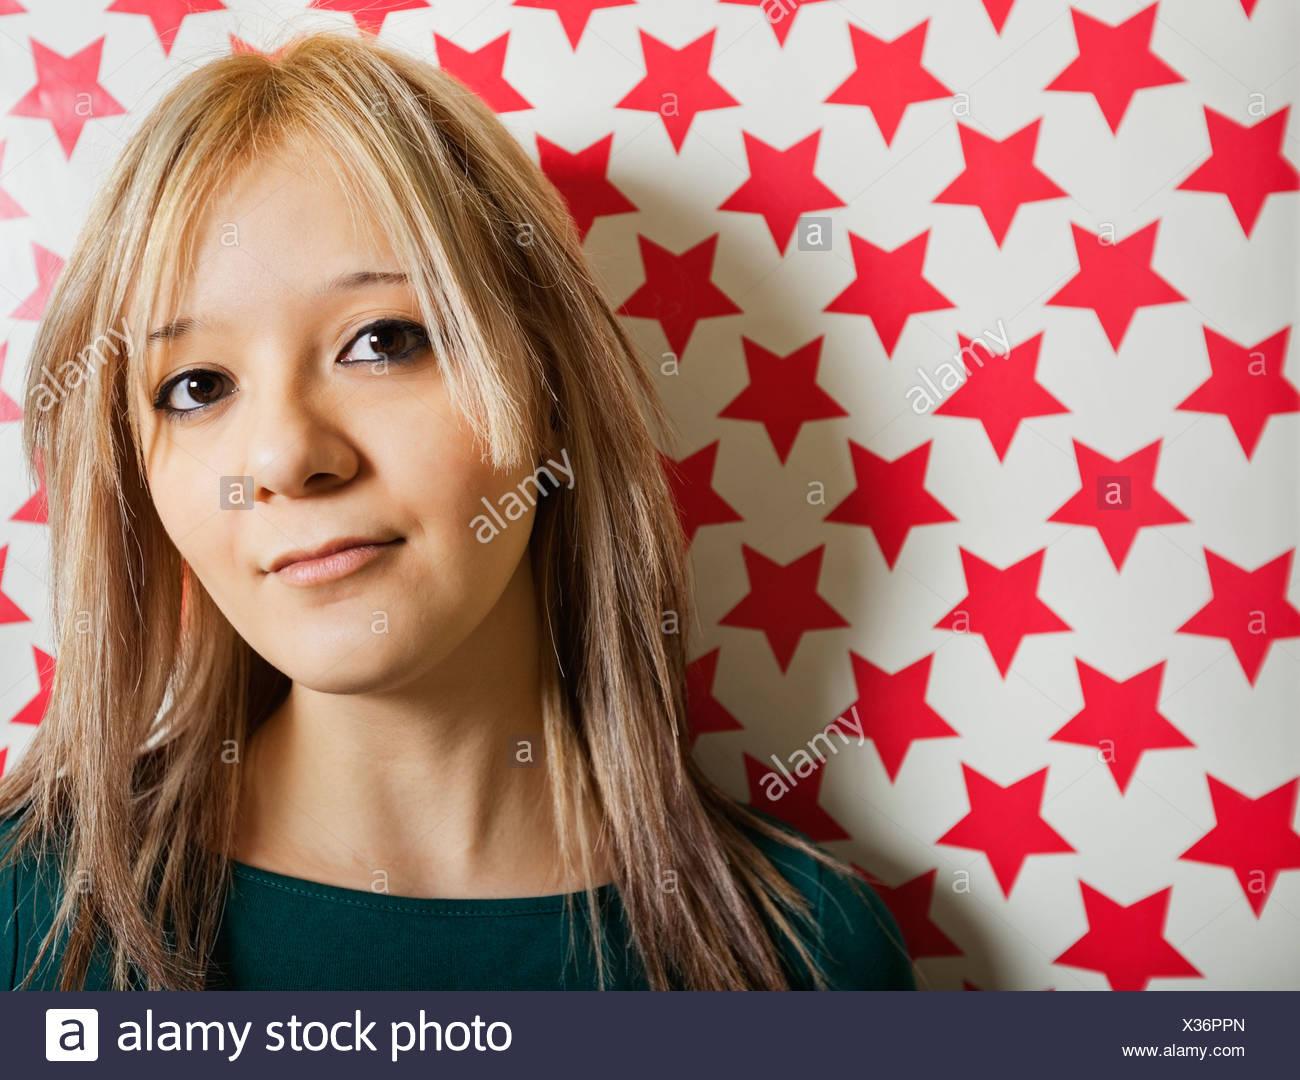 Nahaufnahme der schönen jungen Frau gegen Roter Stern formt Tapete Stockfoto